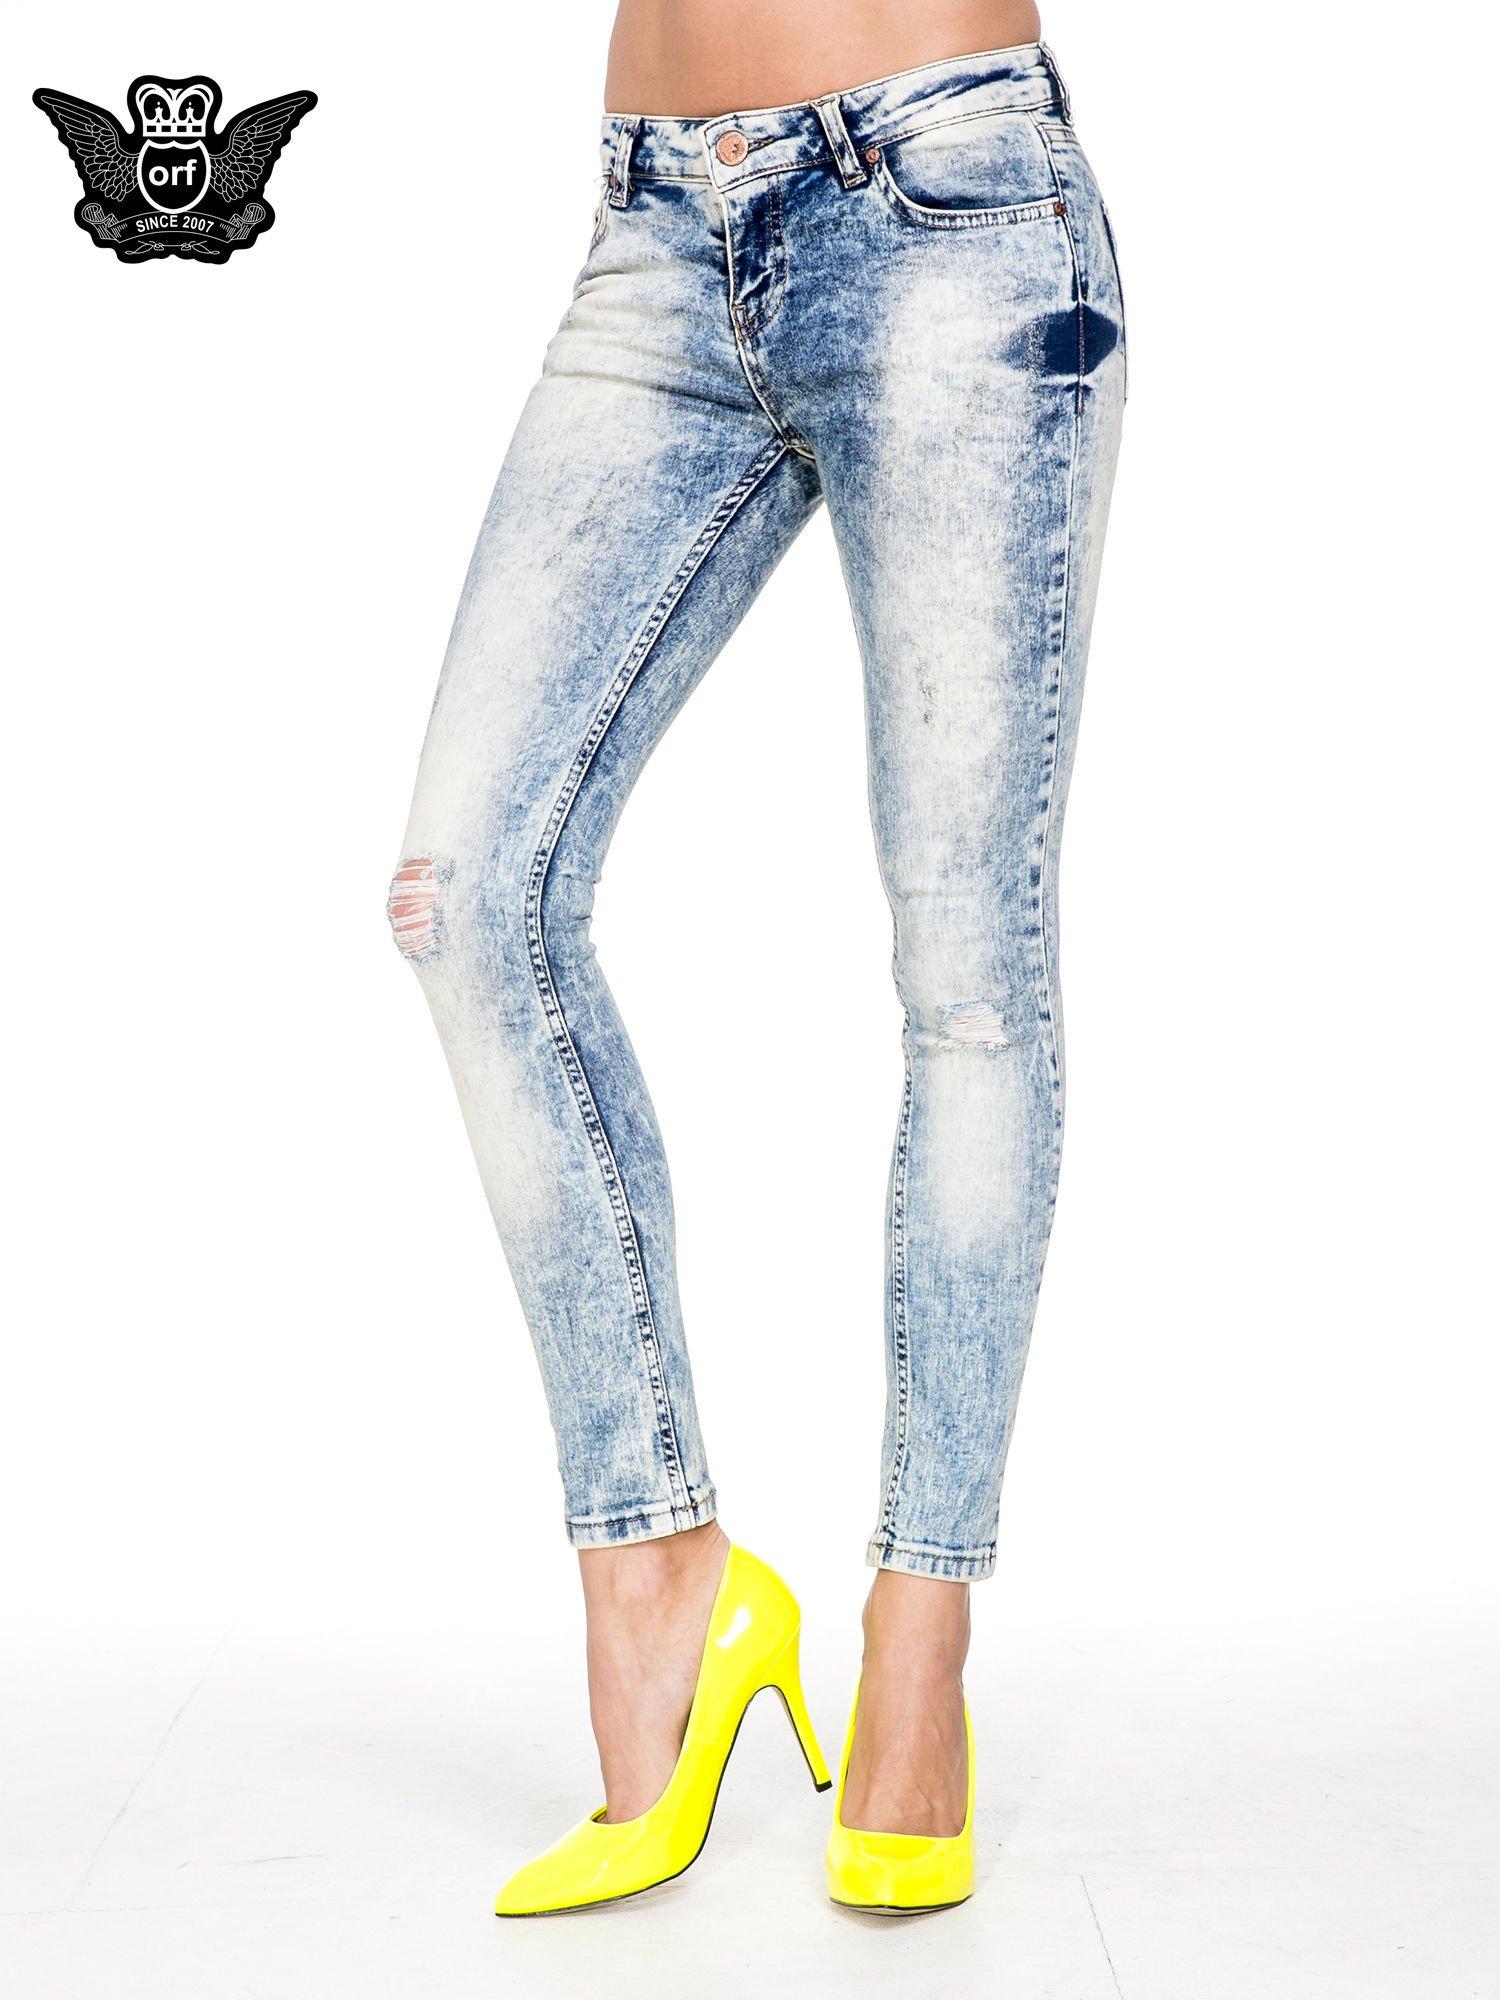 Jasnoniebieskie spodnie skinny jeans z dziurami i modelującym rozjaśnieniem                                  zdj.                                  1